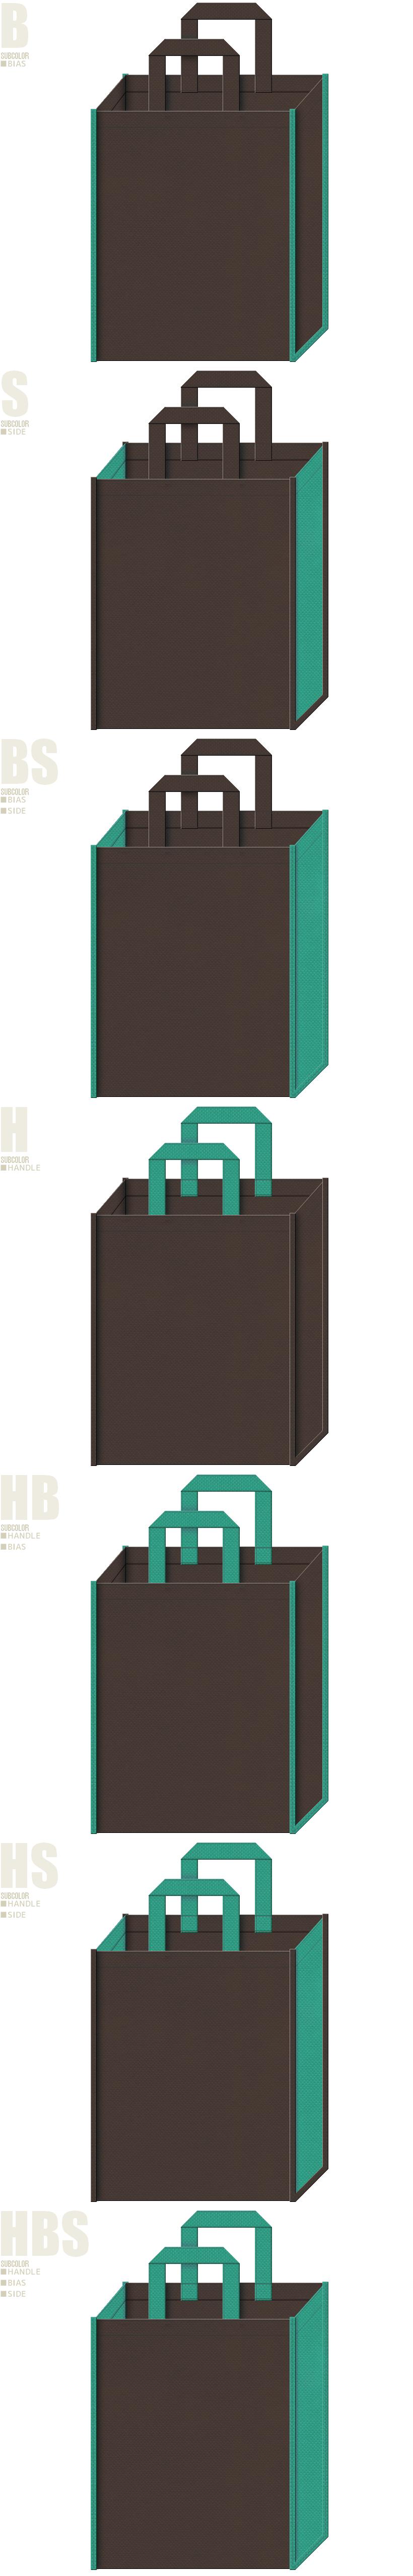 壁面緑化・屋上緑化の展示会用バッグにお奨めです。こげ茶色と青緑色、7パターンの不織布トートバッグ配色デザイン例。